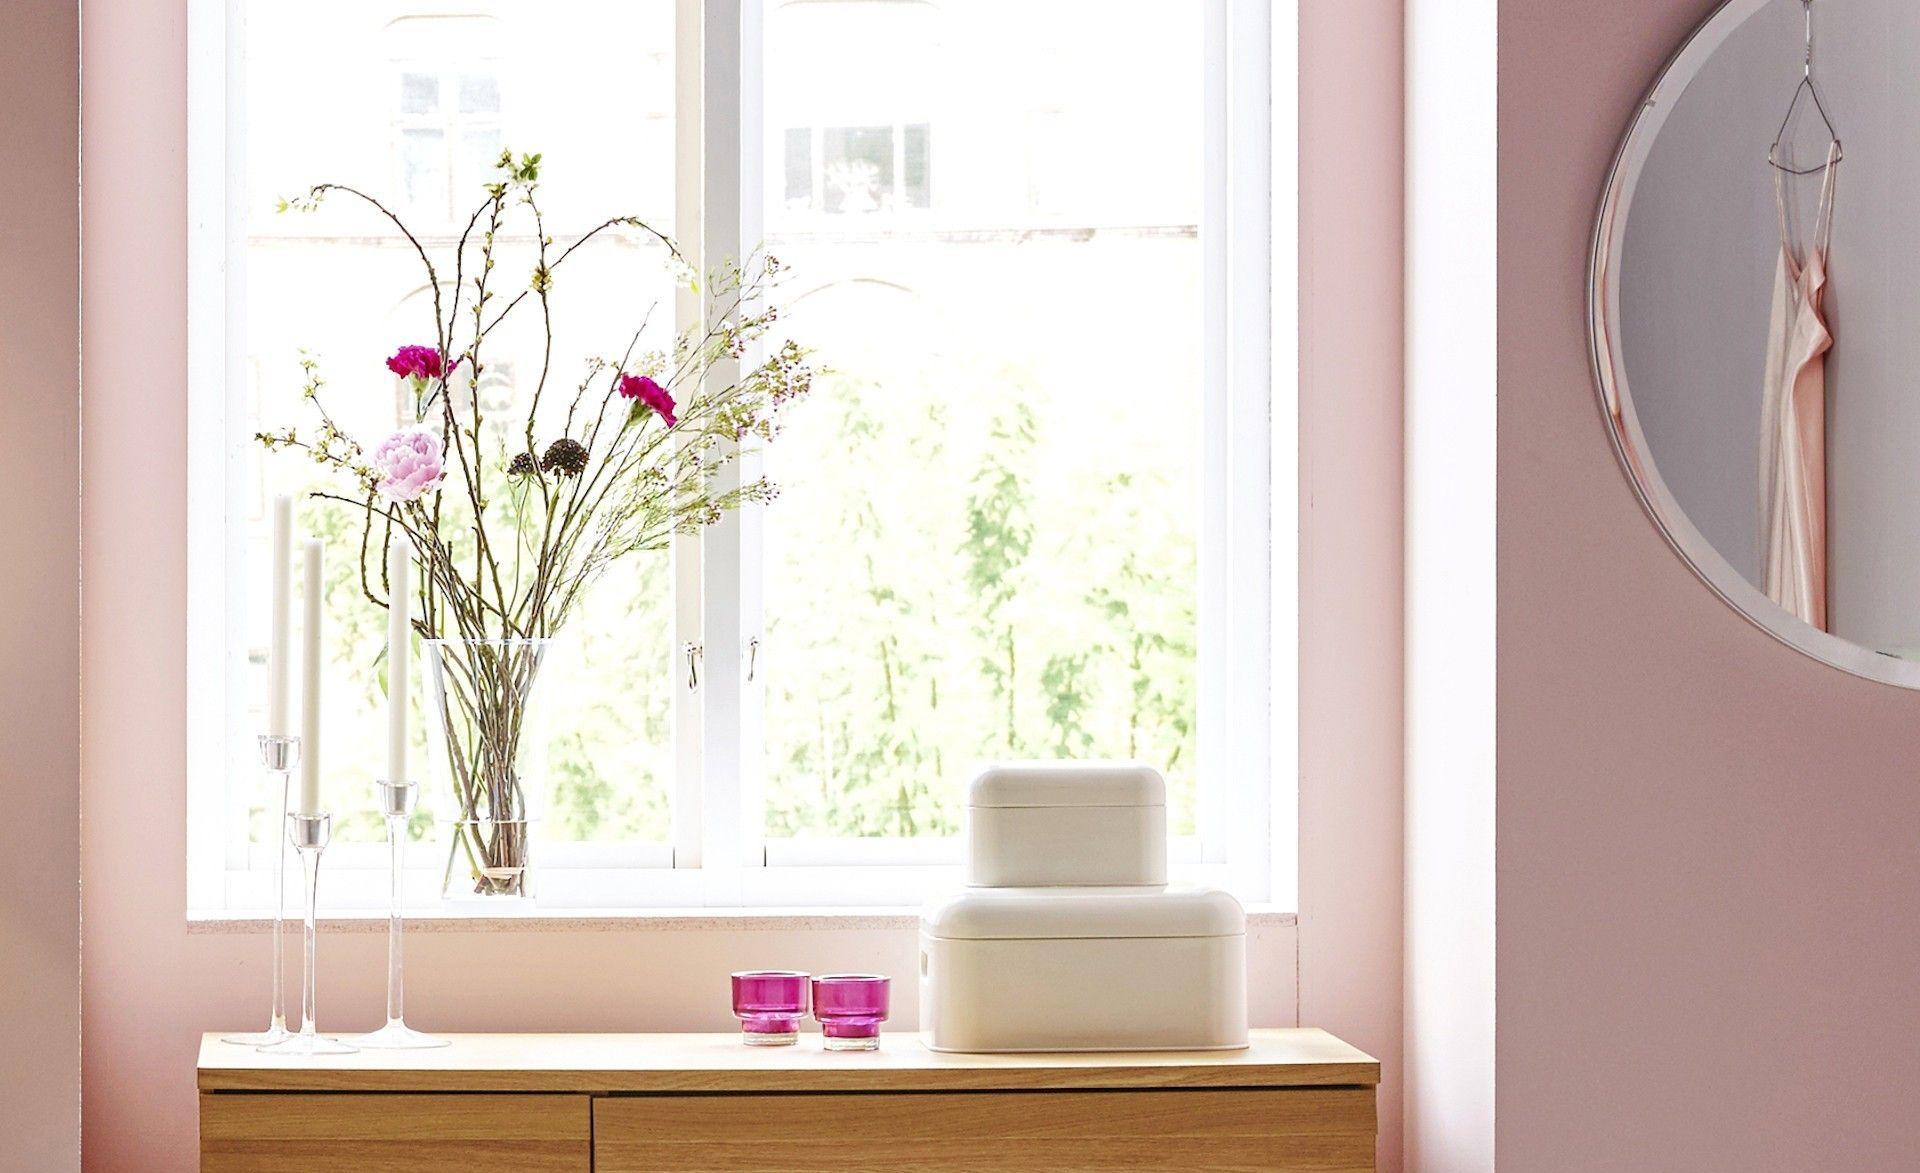 Full Size of Fensterbank Deko Ideen Für Küche Badezimmer Wanddeko Schlafzimmer Wohnzimmer Dekoration Wohnzimmer Deko Fensterbank